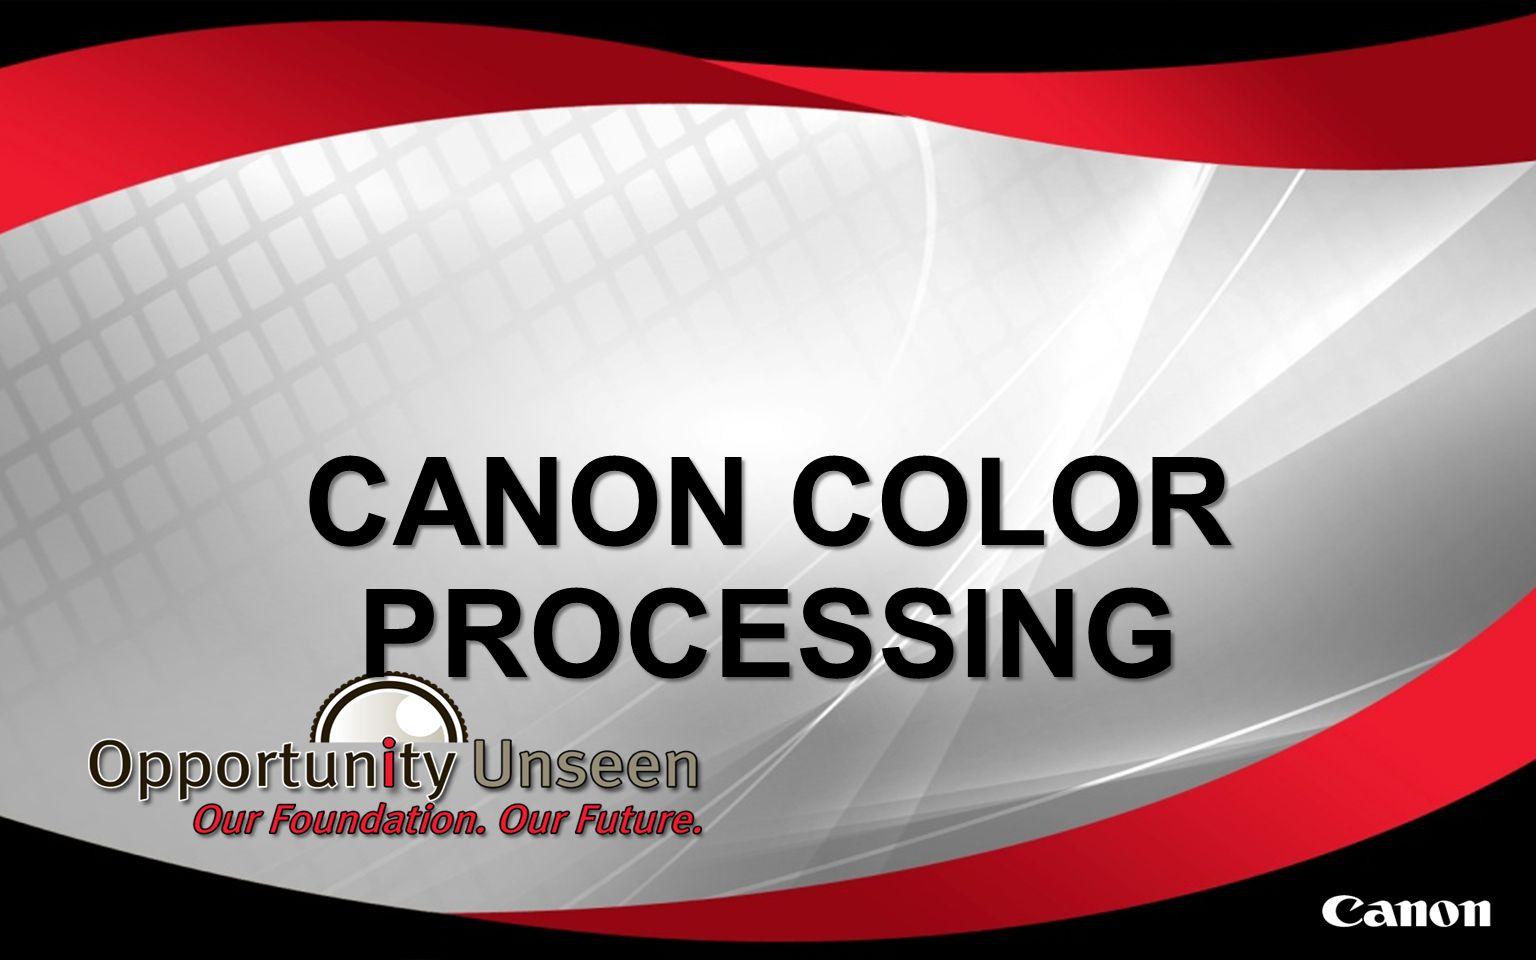 CANON COLOR PROCESSING